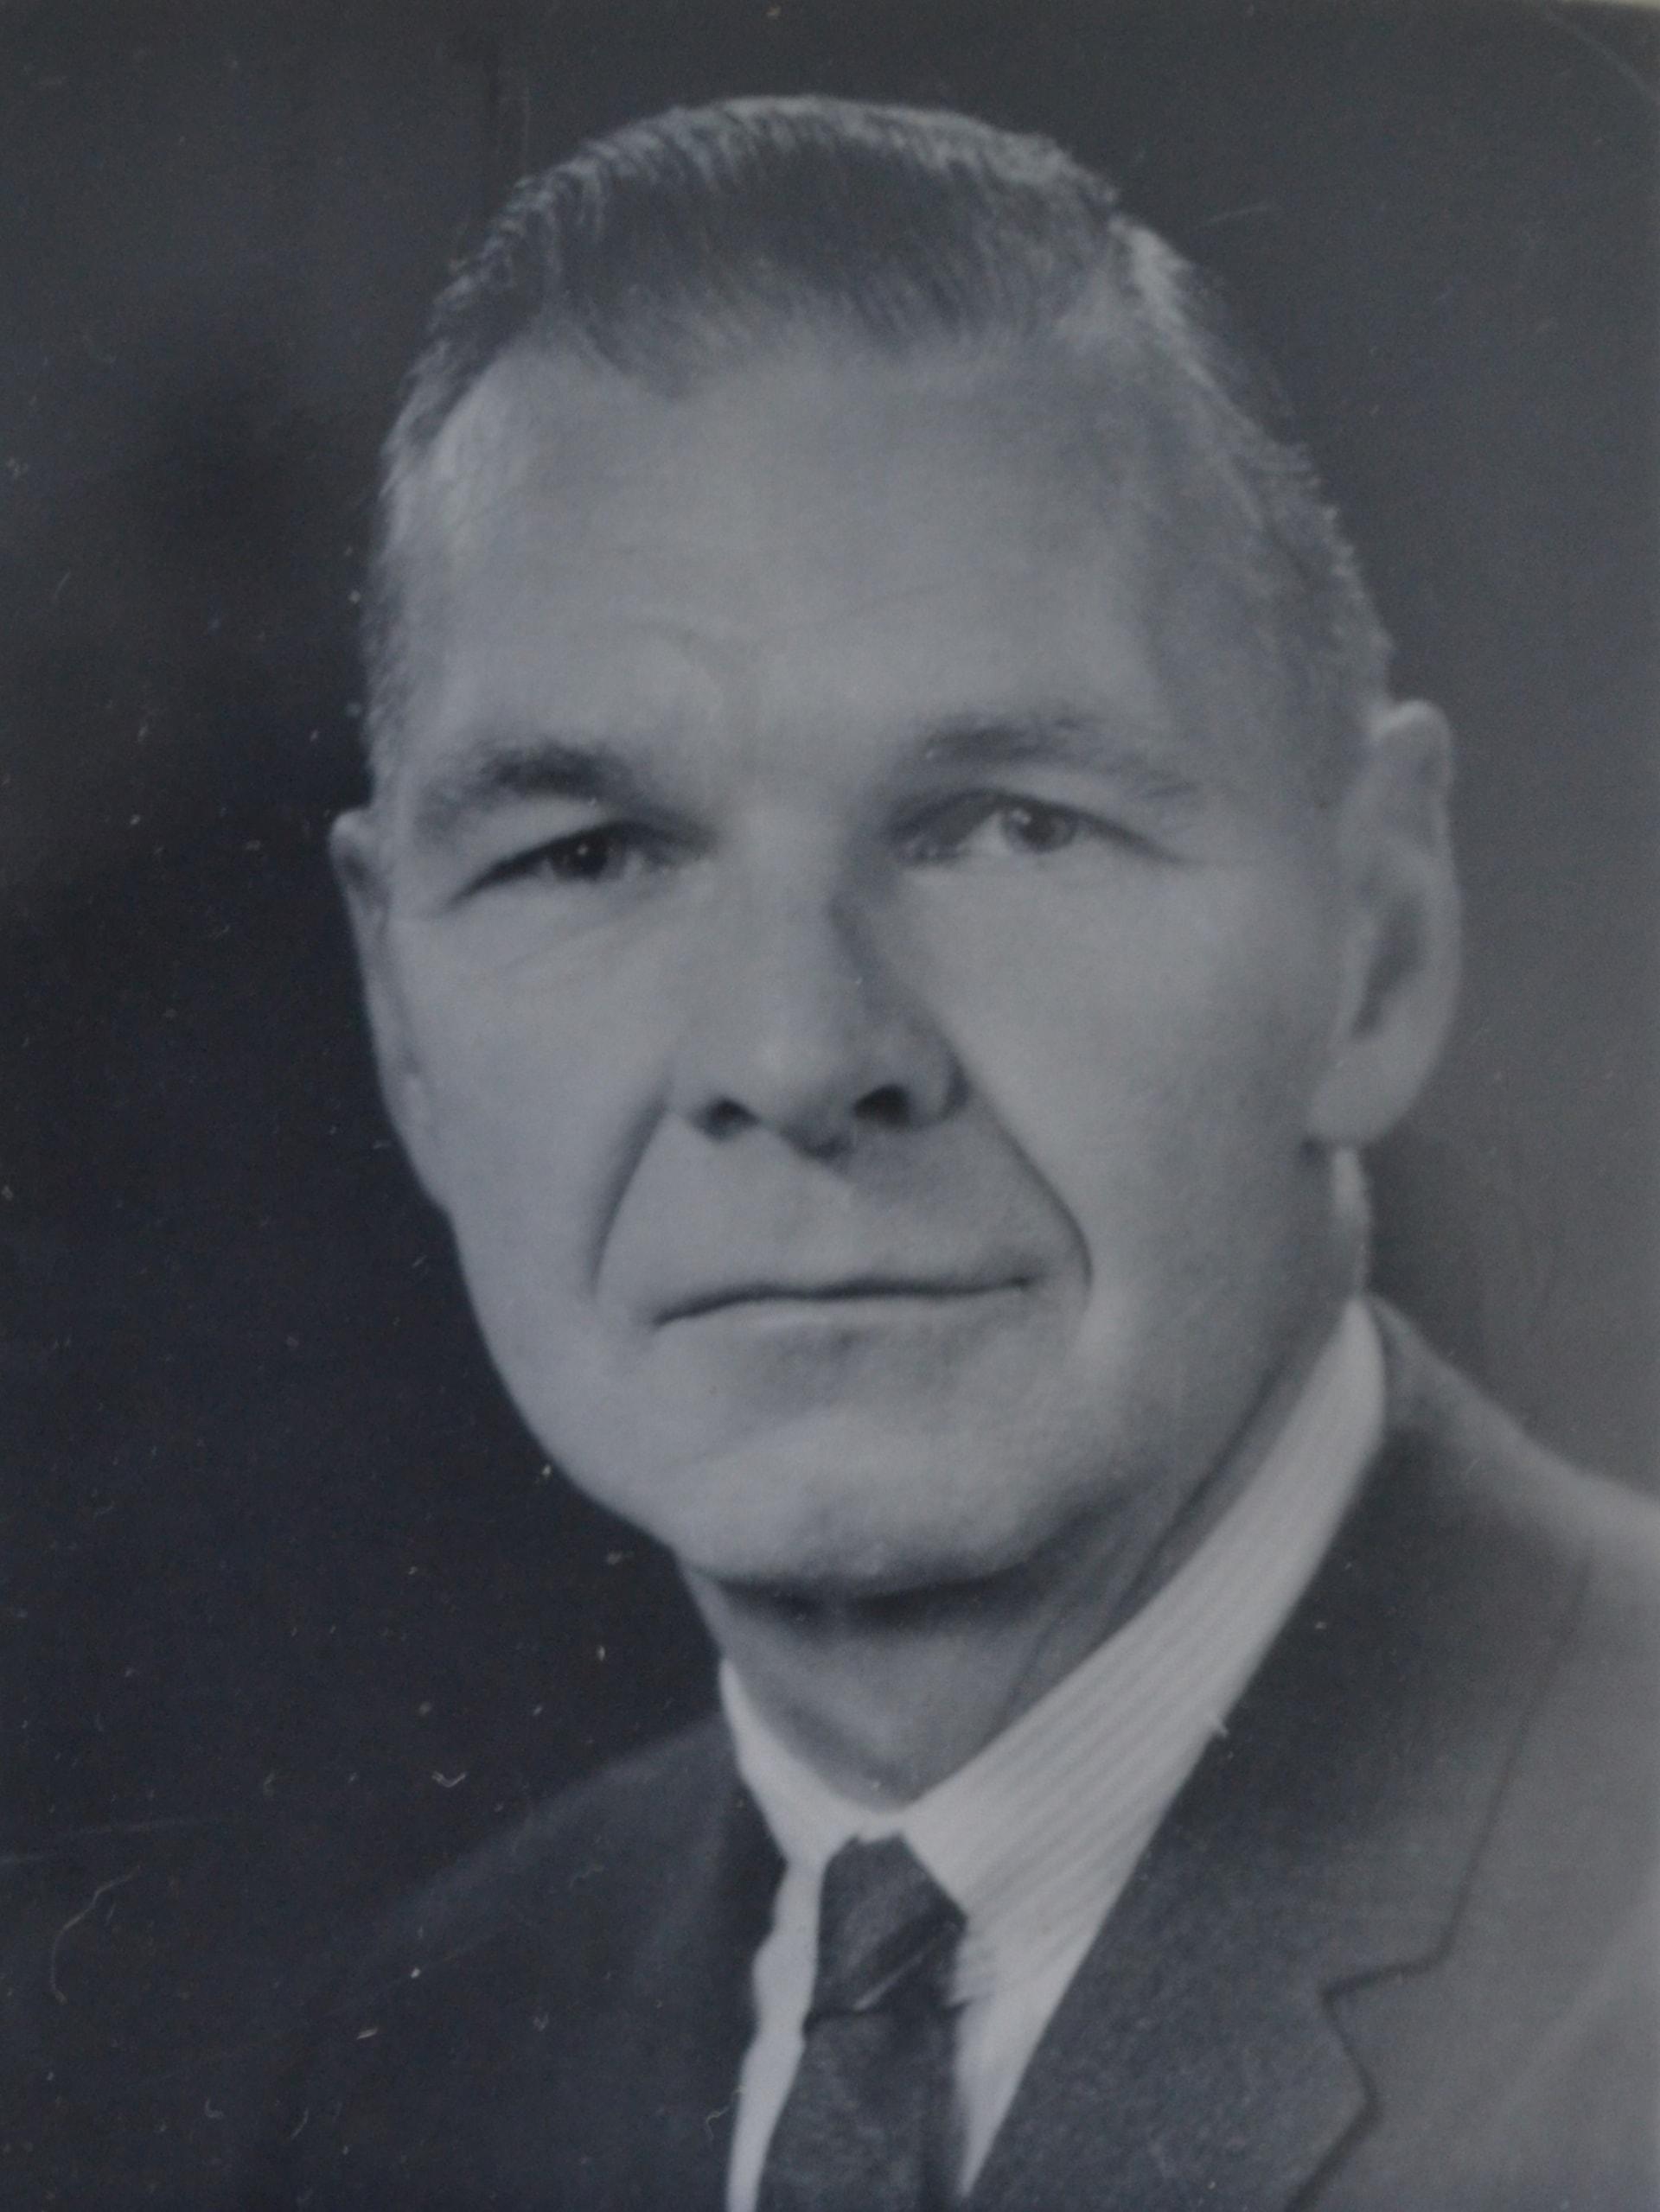 1953-James-Hansen.1-w1920.jpg